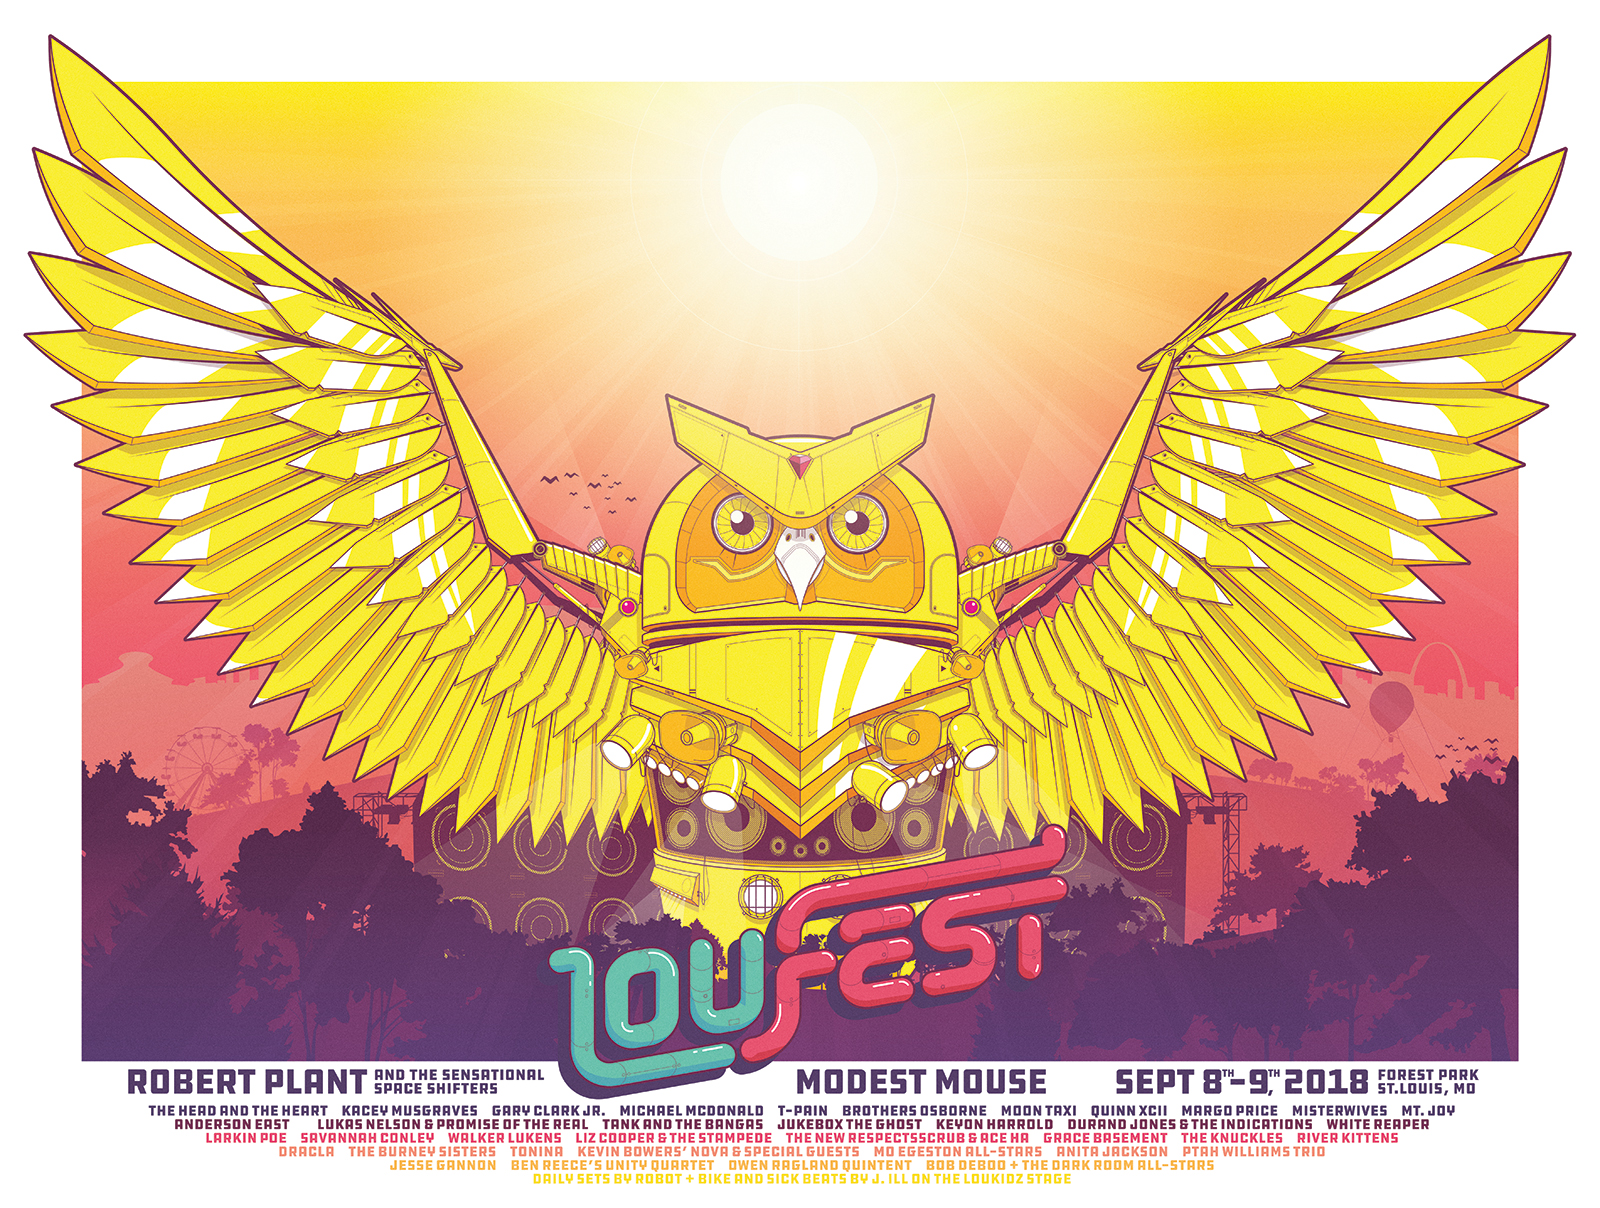 LouFest_Poster2018.jpg